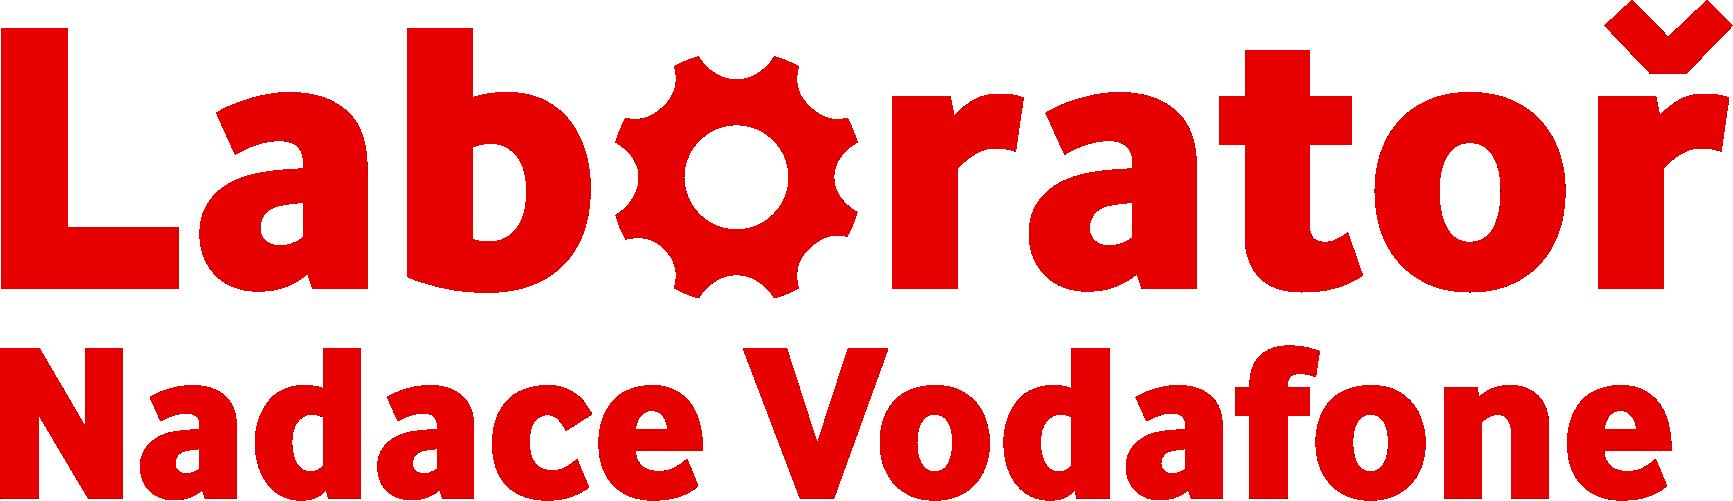 Nadace_vodafone